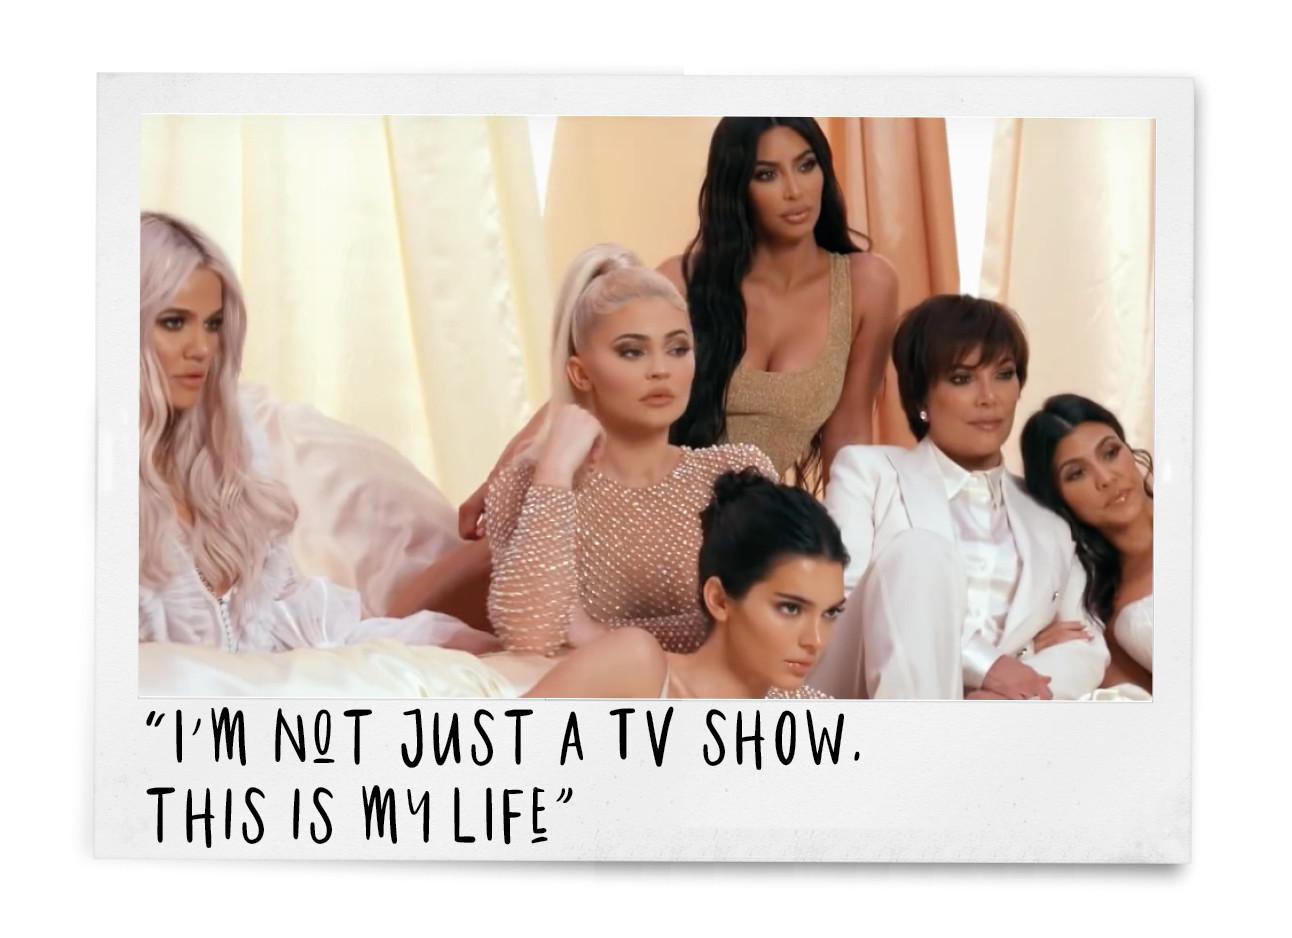 keeping up with the kardashians trailer, khloe kylie kim kendall kriss en kourtney in witte kleding op een bed aan het poseren voor een shoot